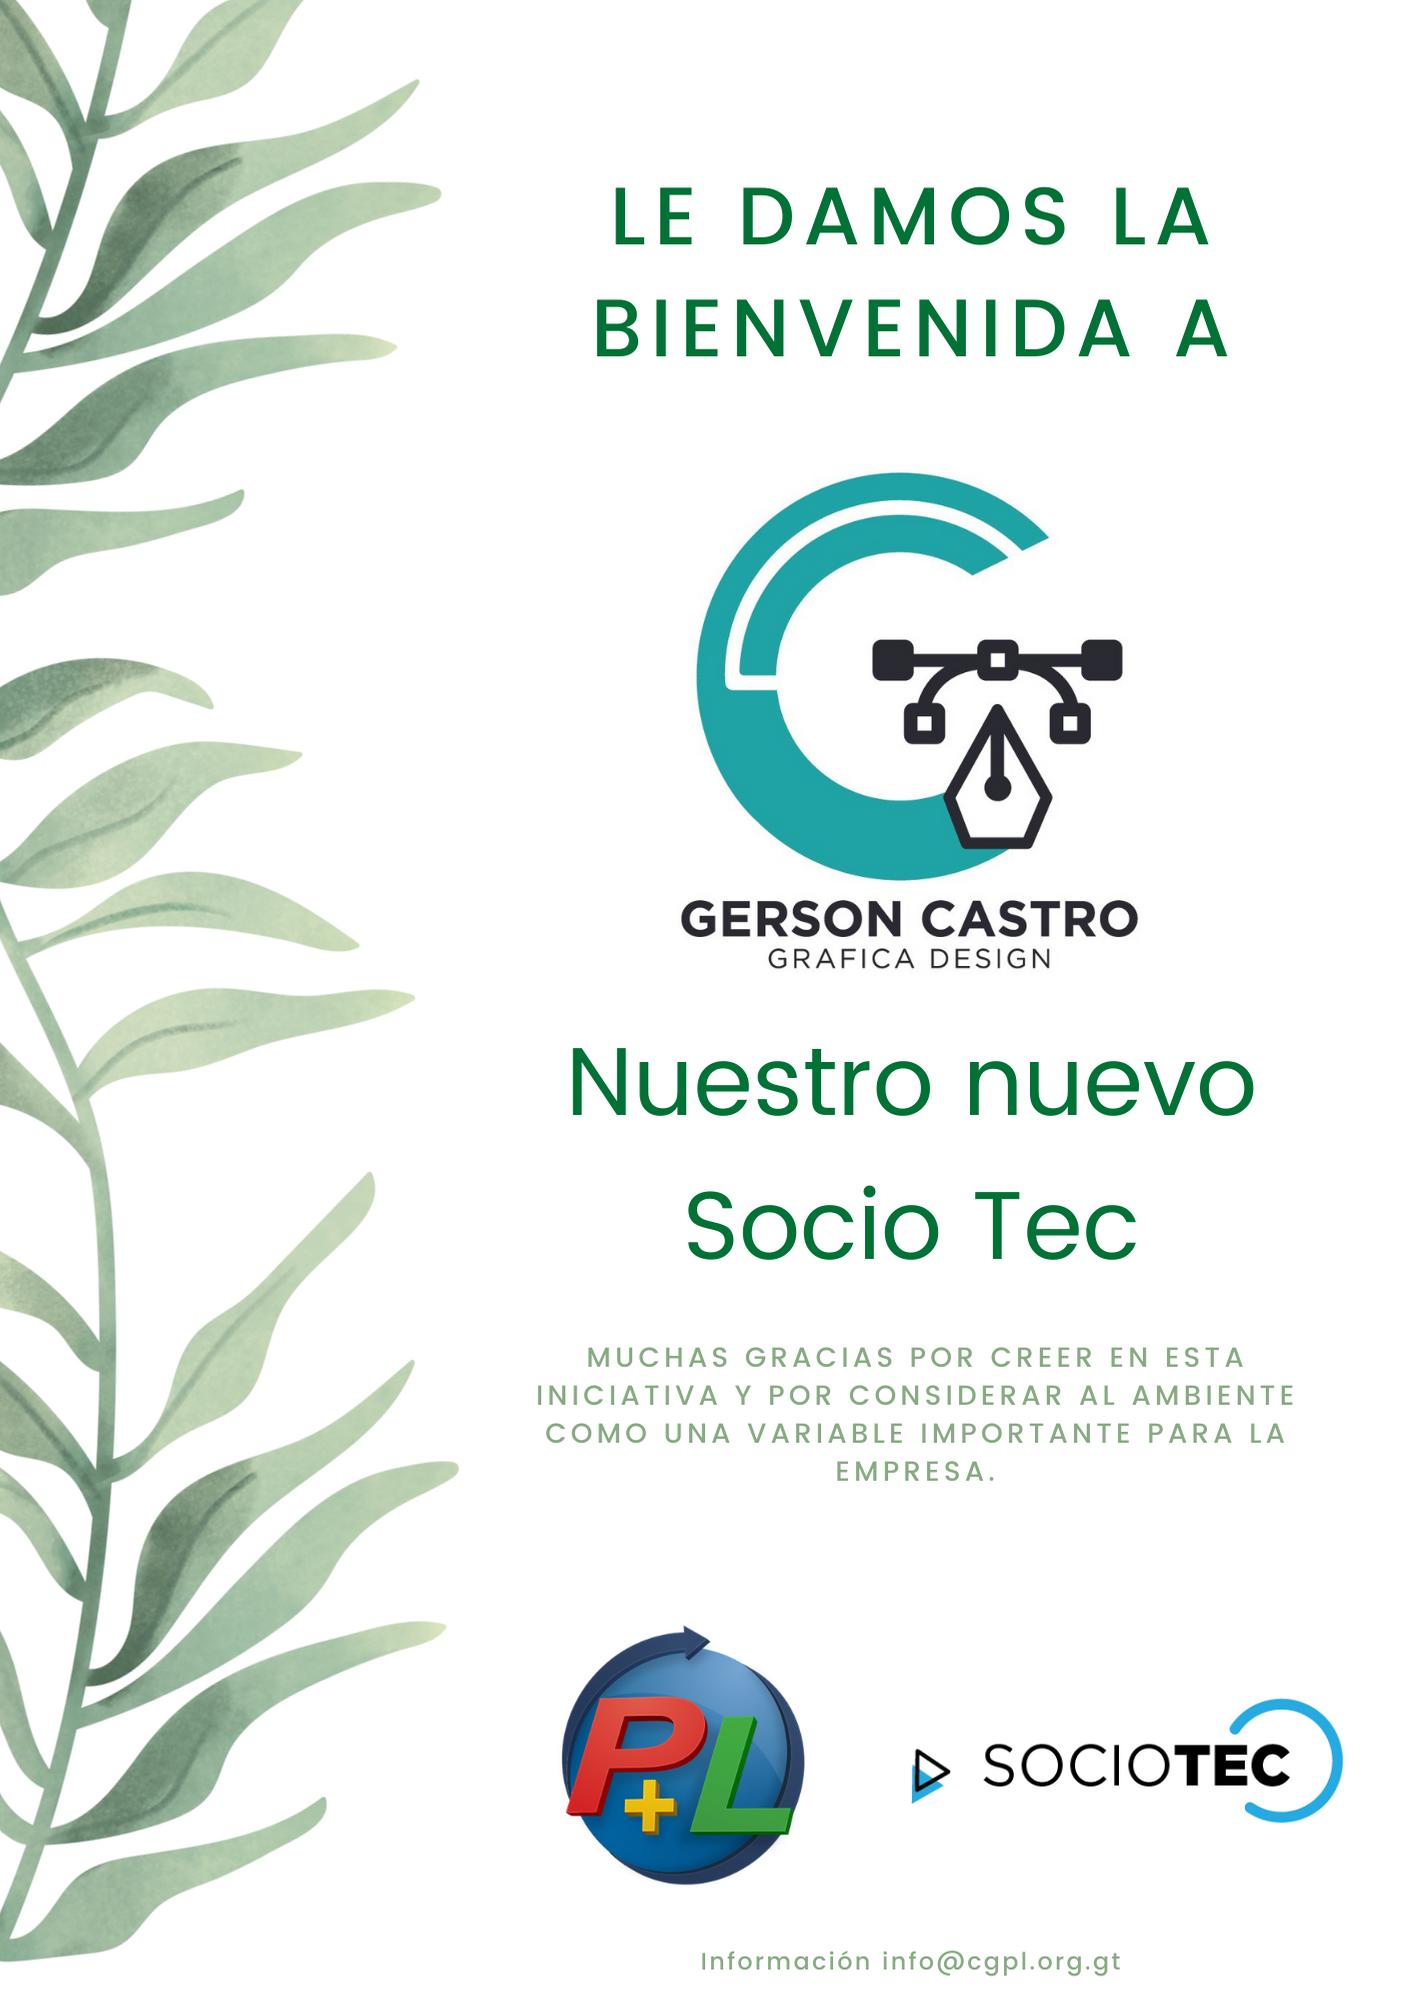 Le Damos La Bienvenida A Nuestro Nuevo Socio Tec, Gerson Castro